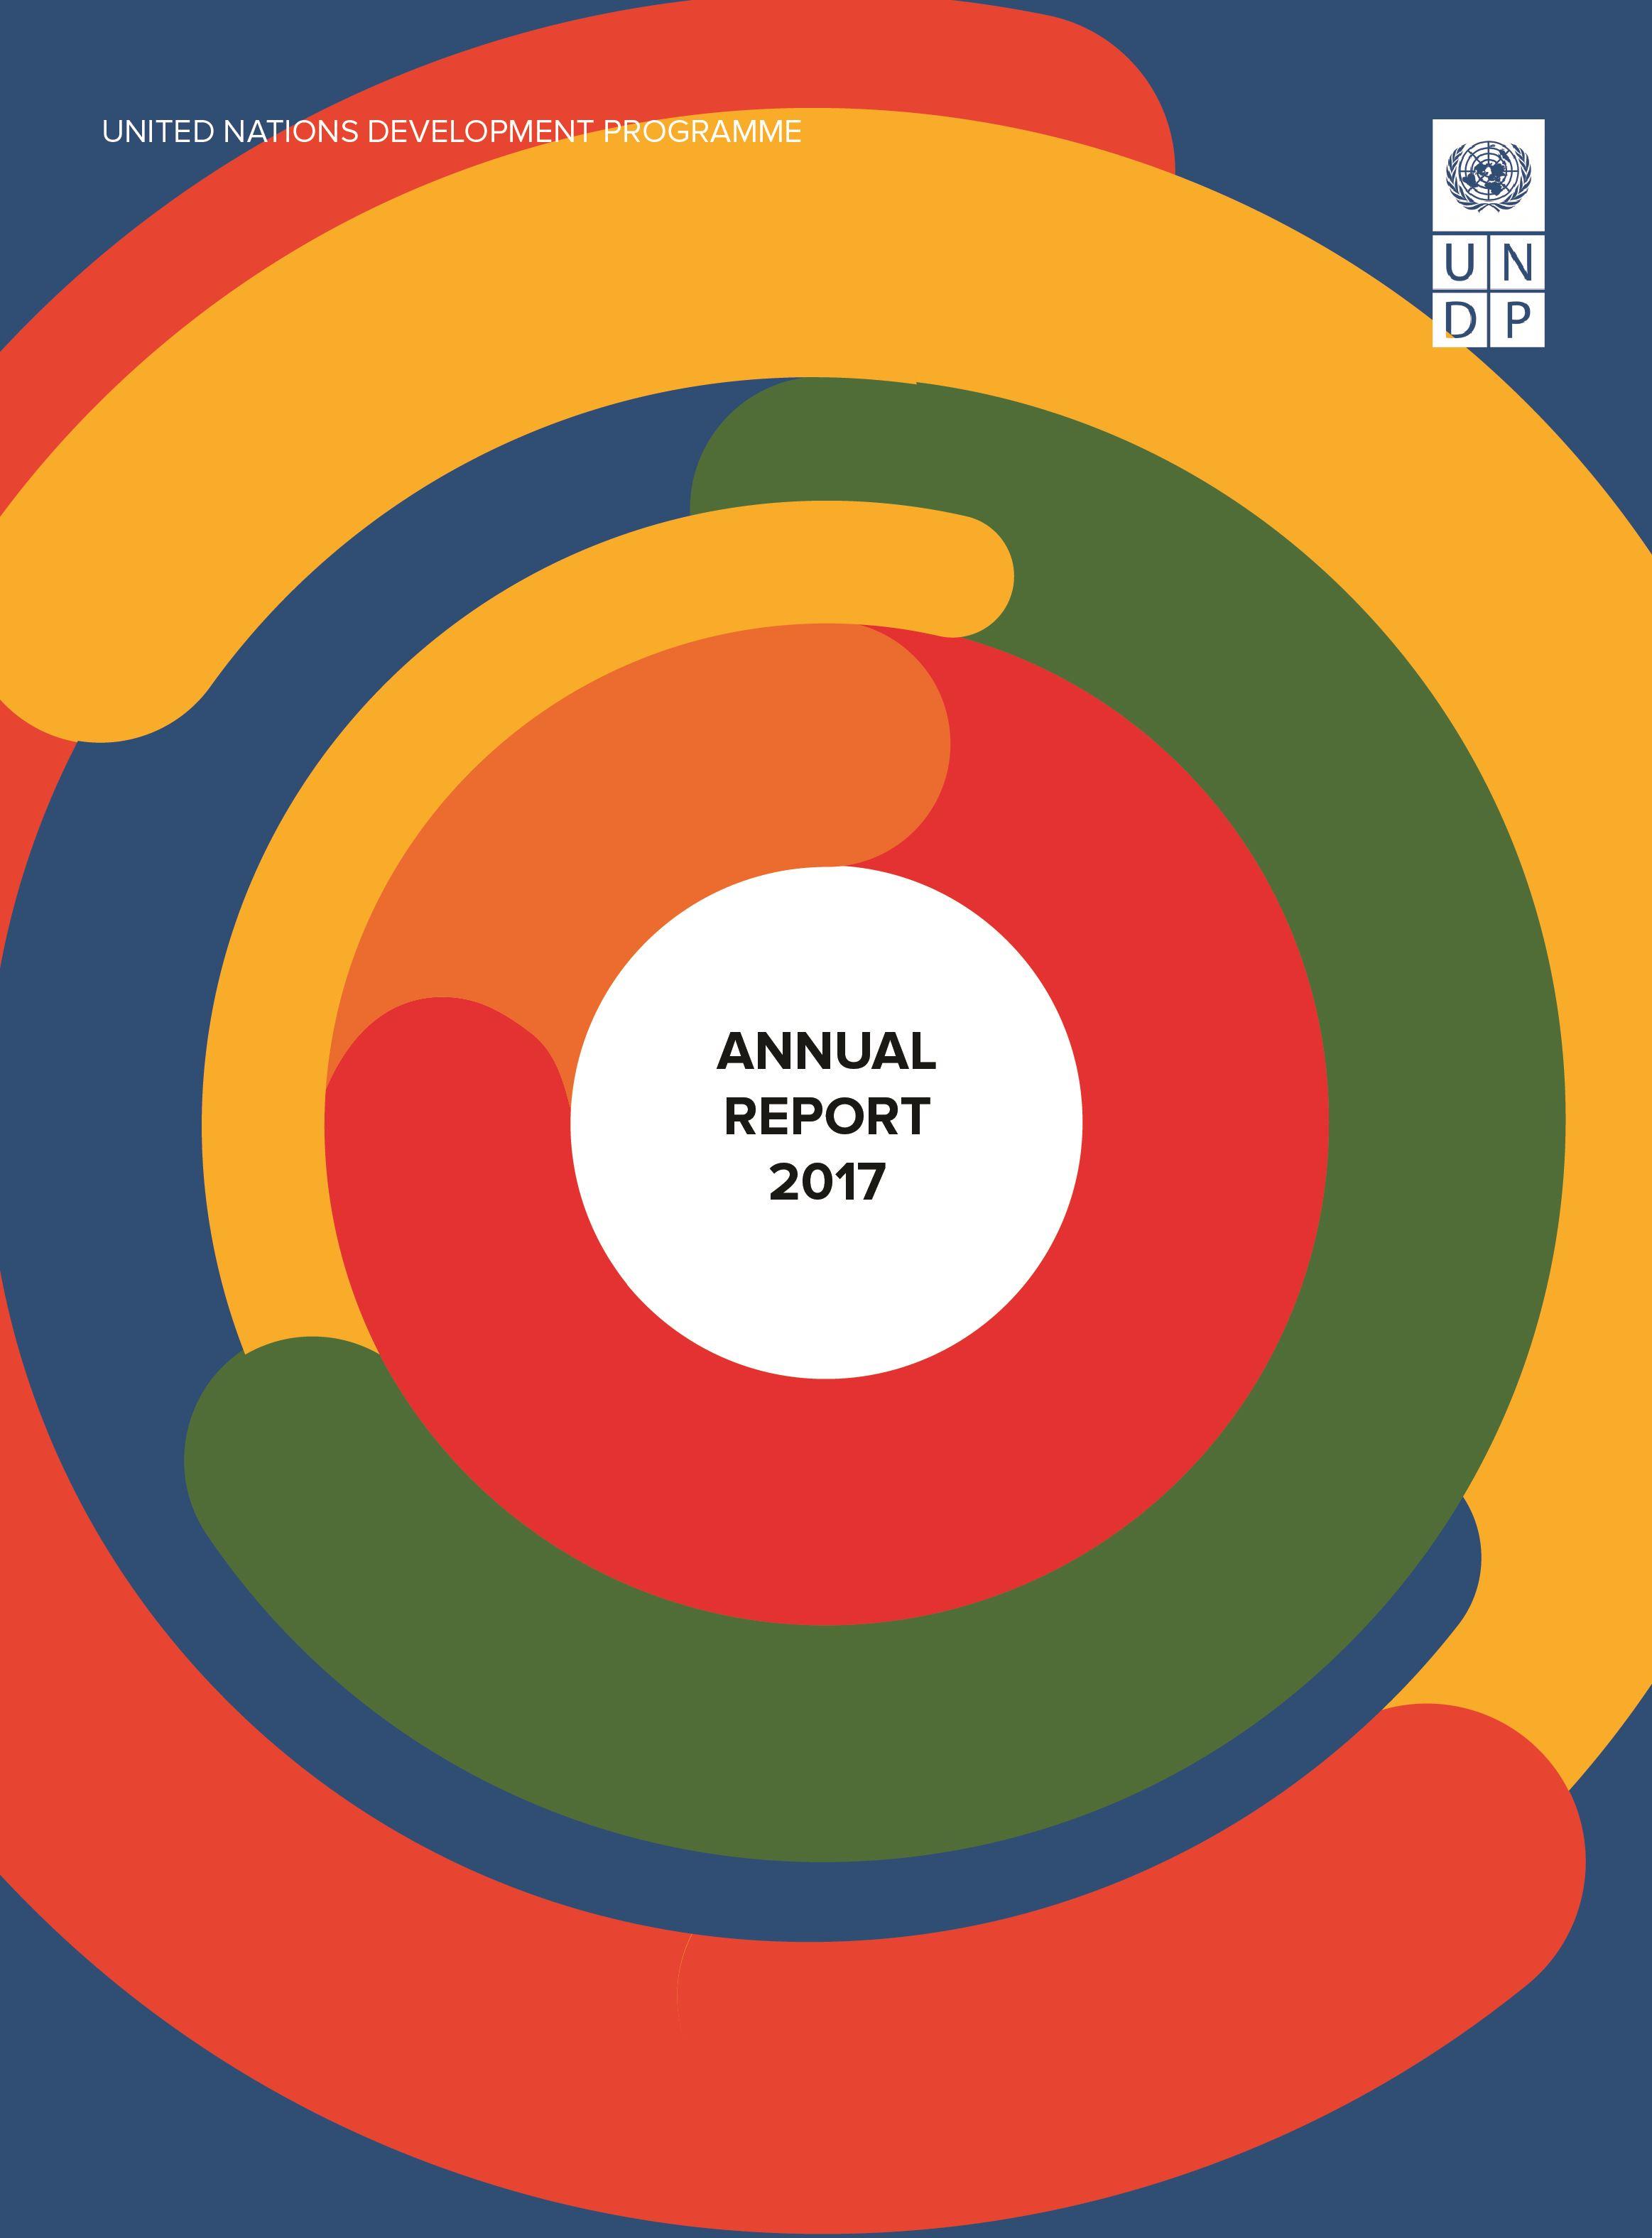 Annual report 2017 | UNDP